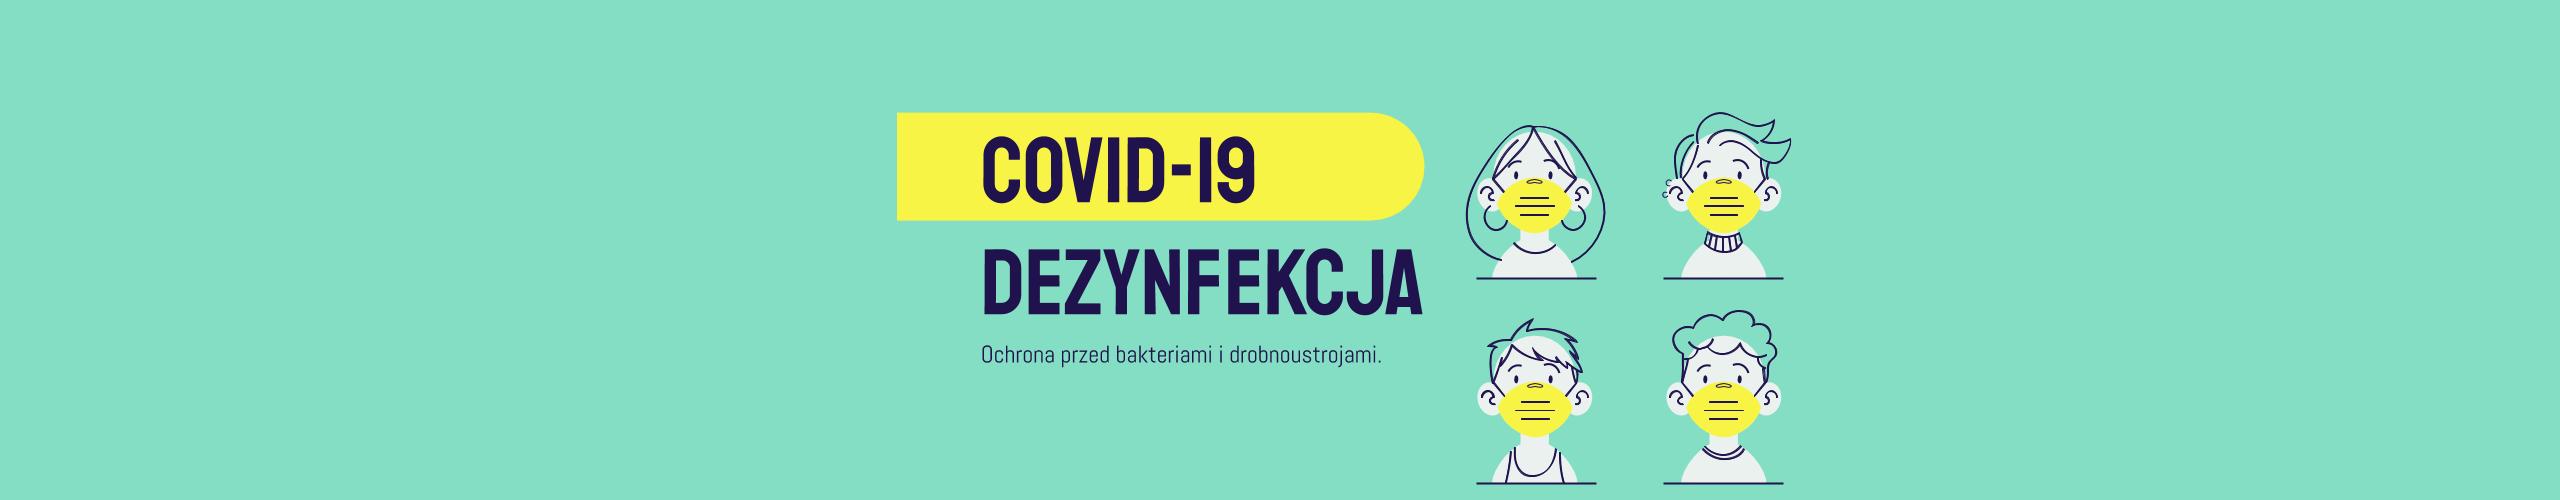 Dezynfekcja COVID-19